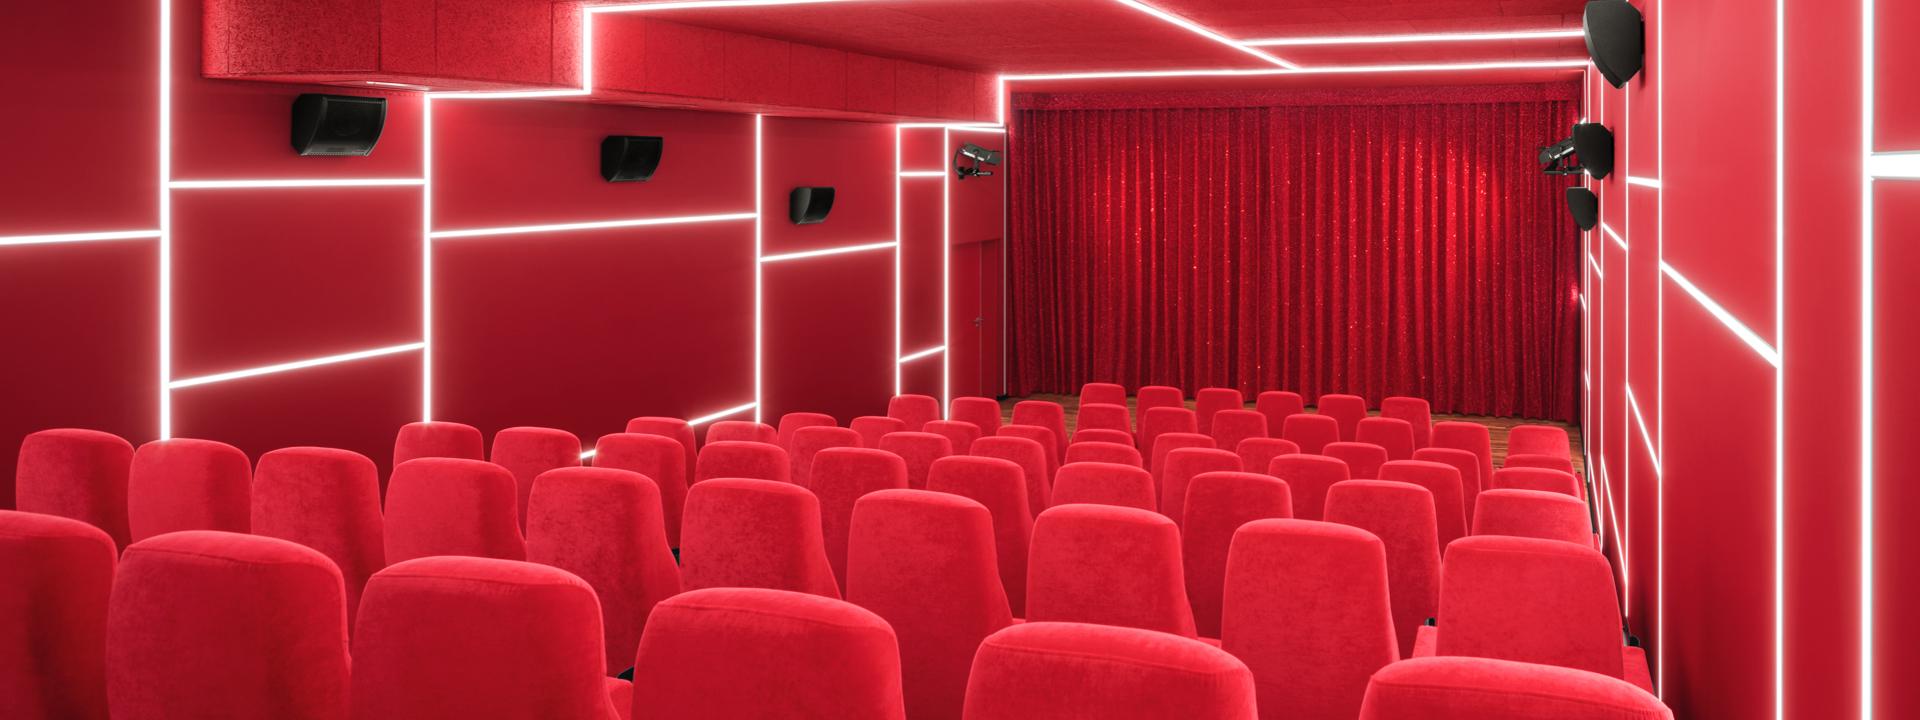 Kino Göppingen Programm Heute